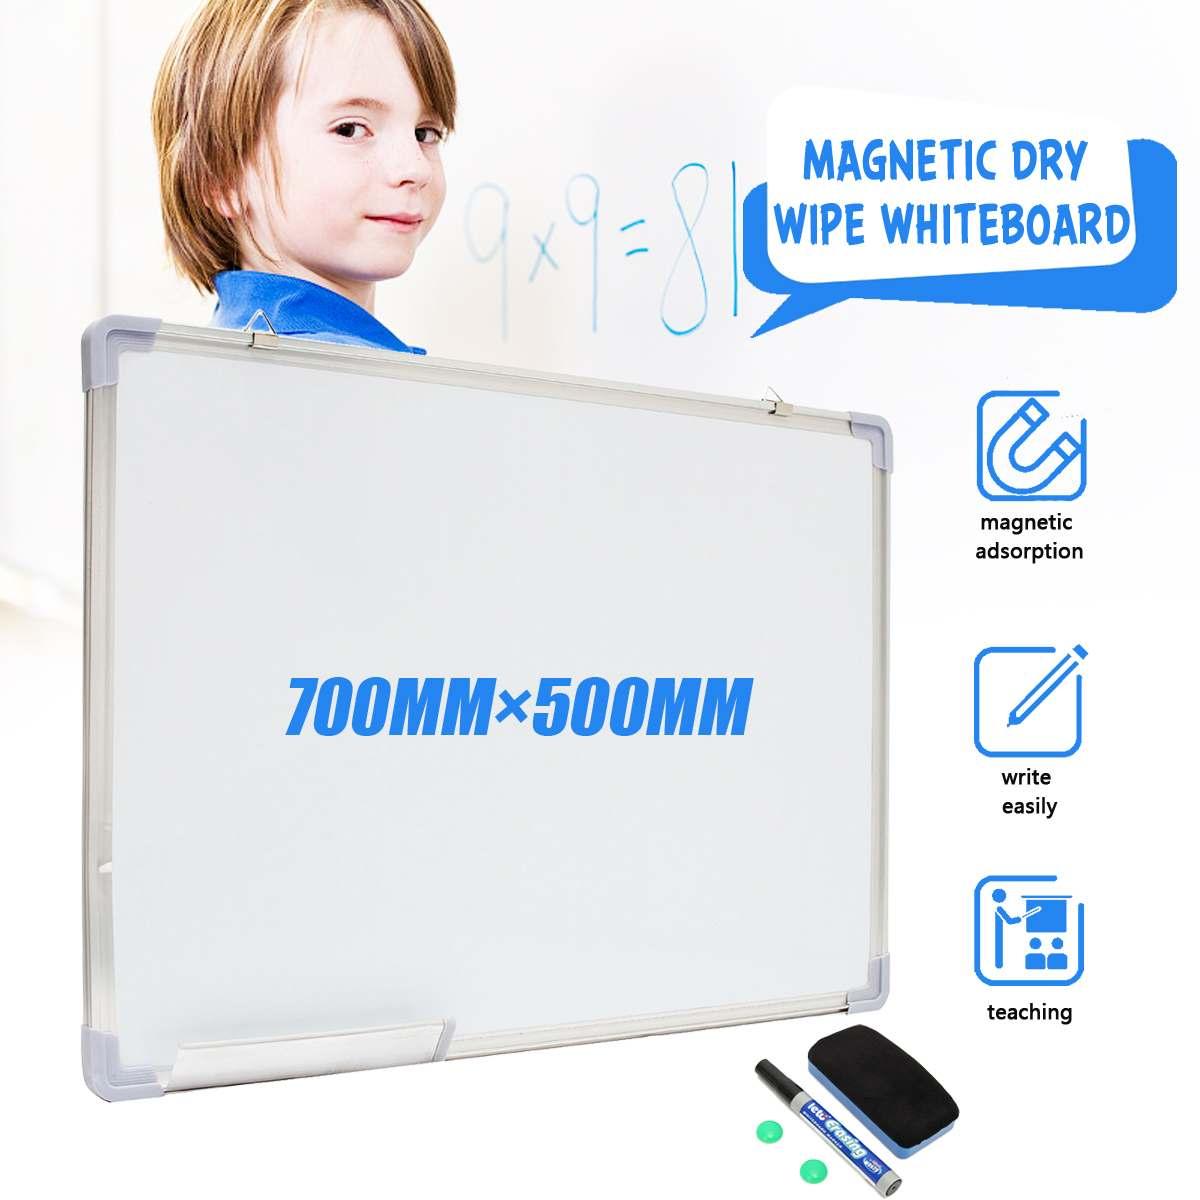 500x700 mm imas quadro magnetico placa de escrita dupla face com caneta erase botoes para escritorio